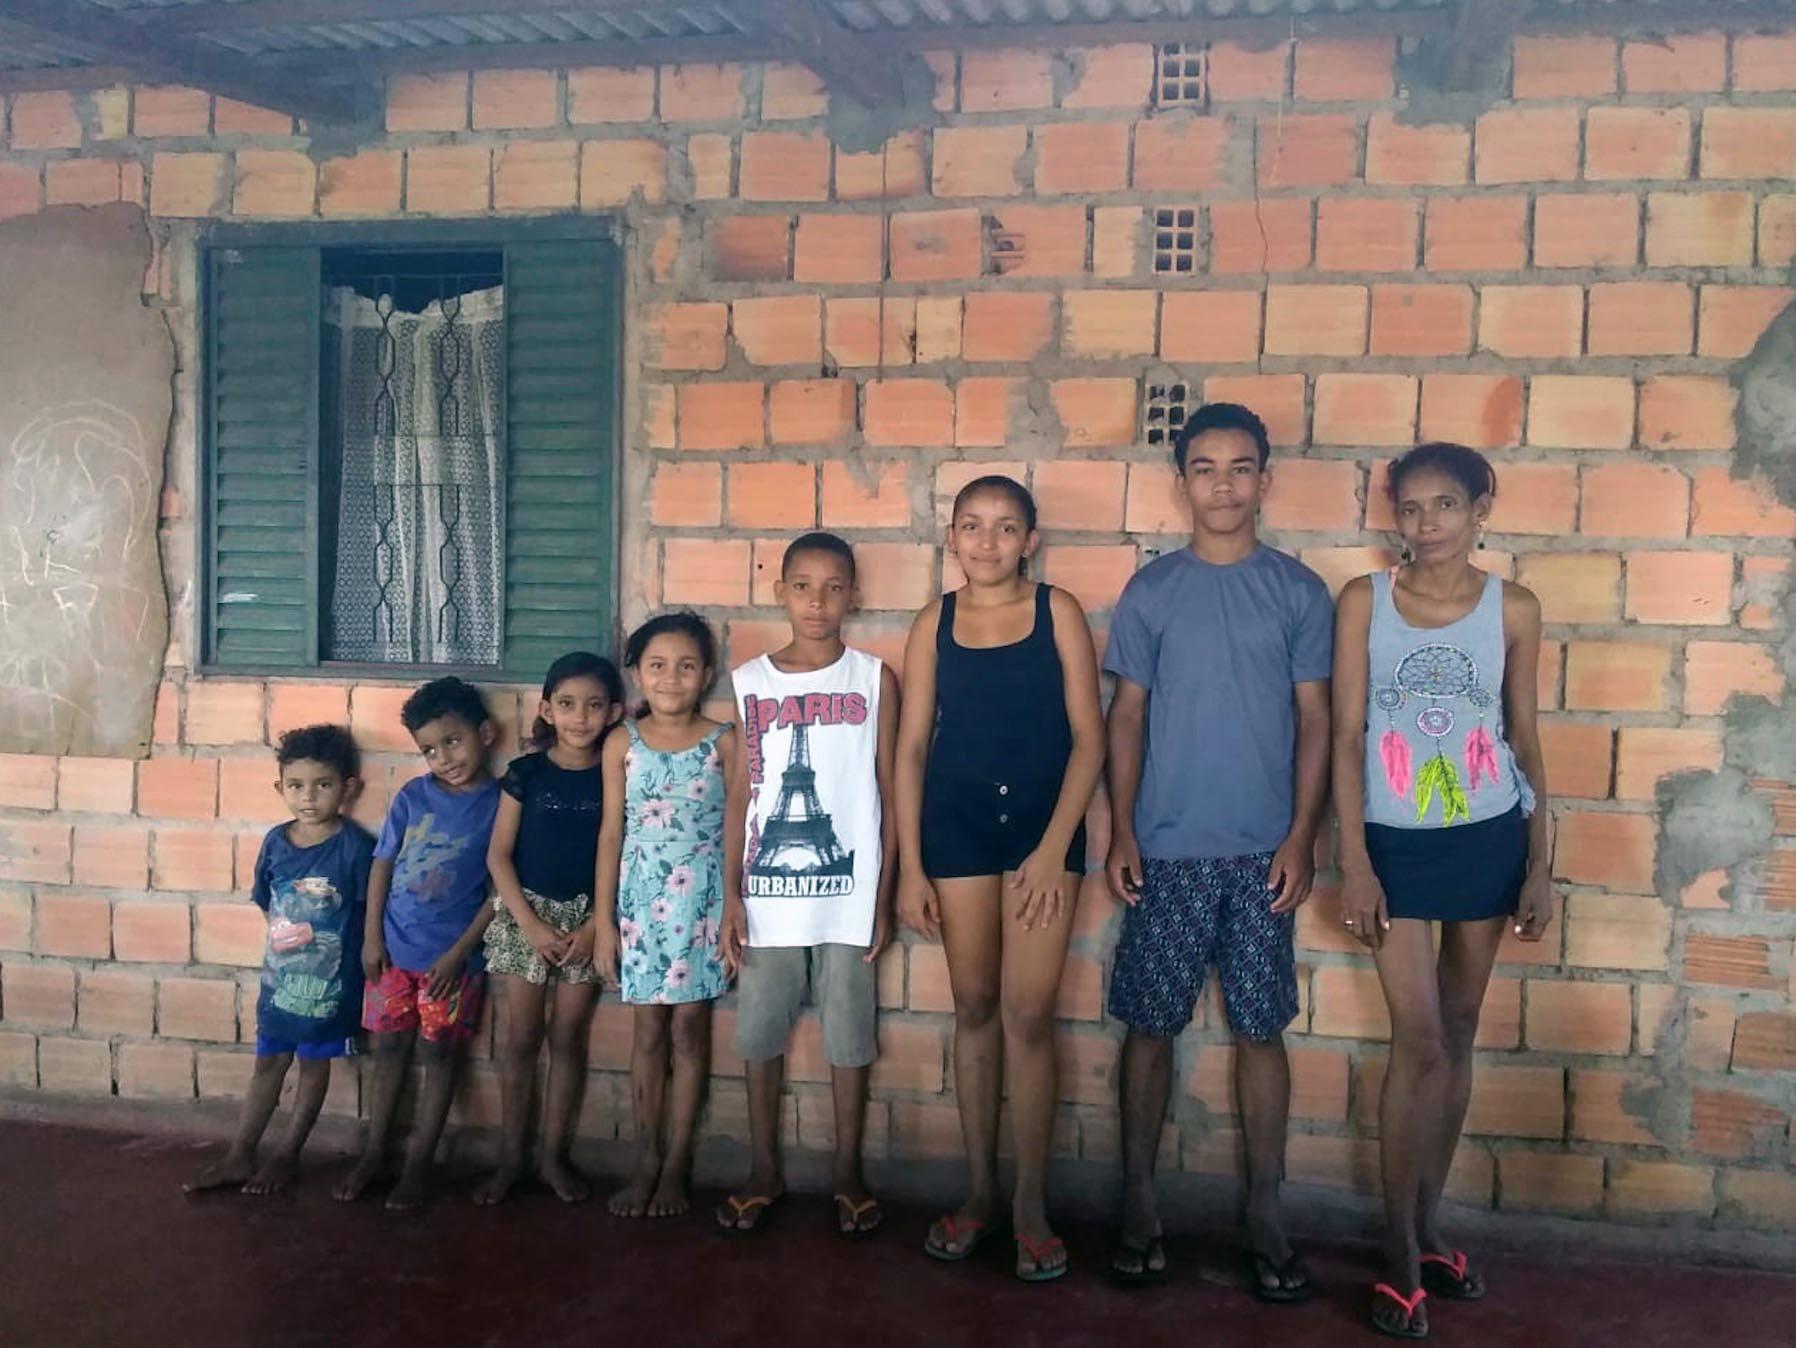 La família de la Darlete viu a l'Assentament Dom Pedro